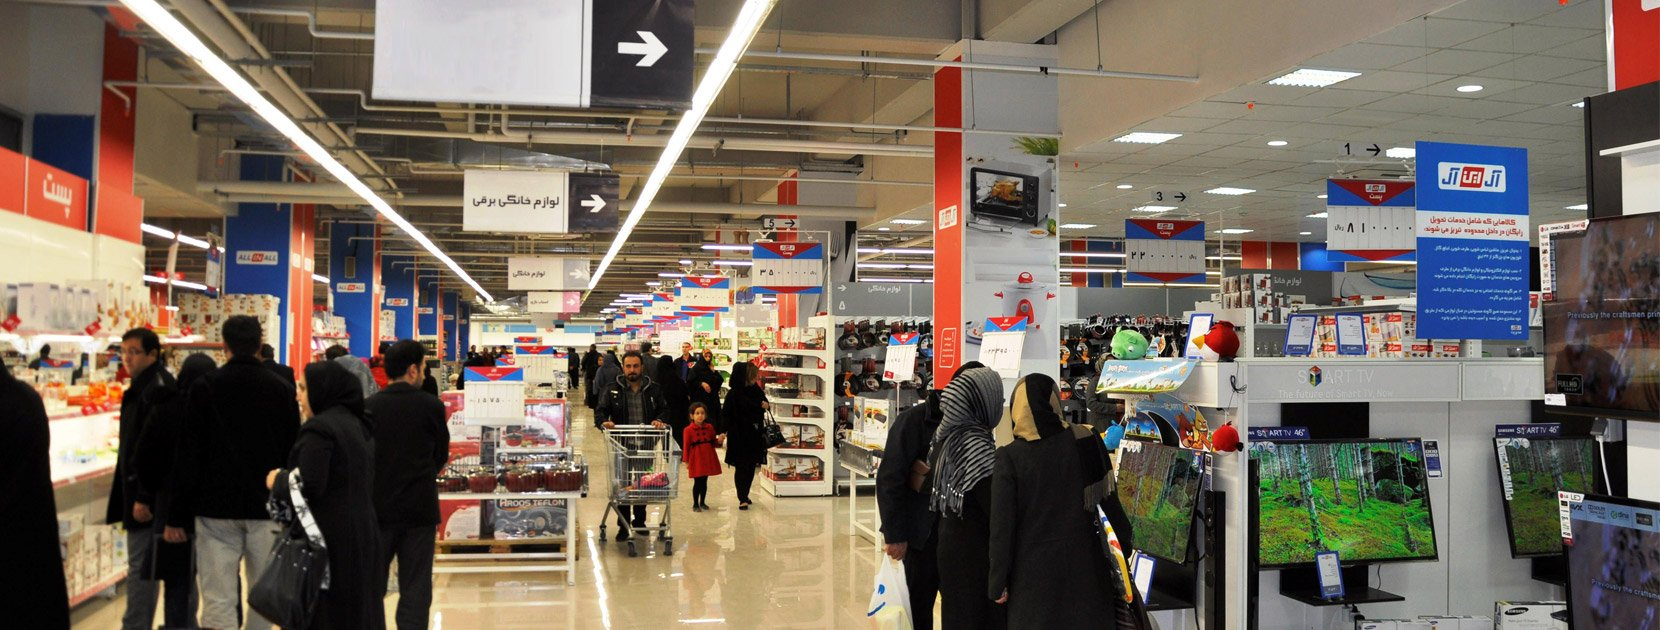 فروشگاههای زنجیره ای بین المللی